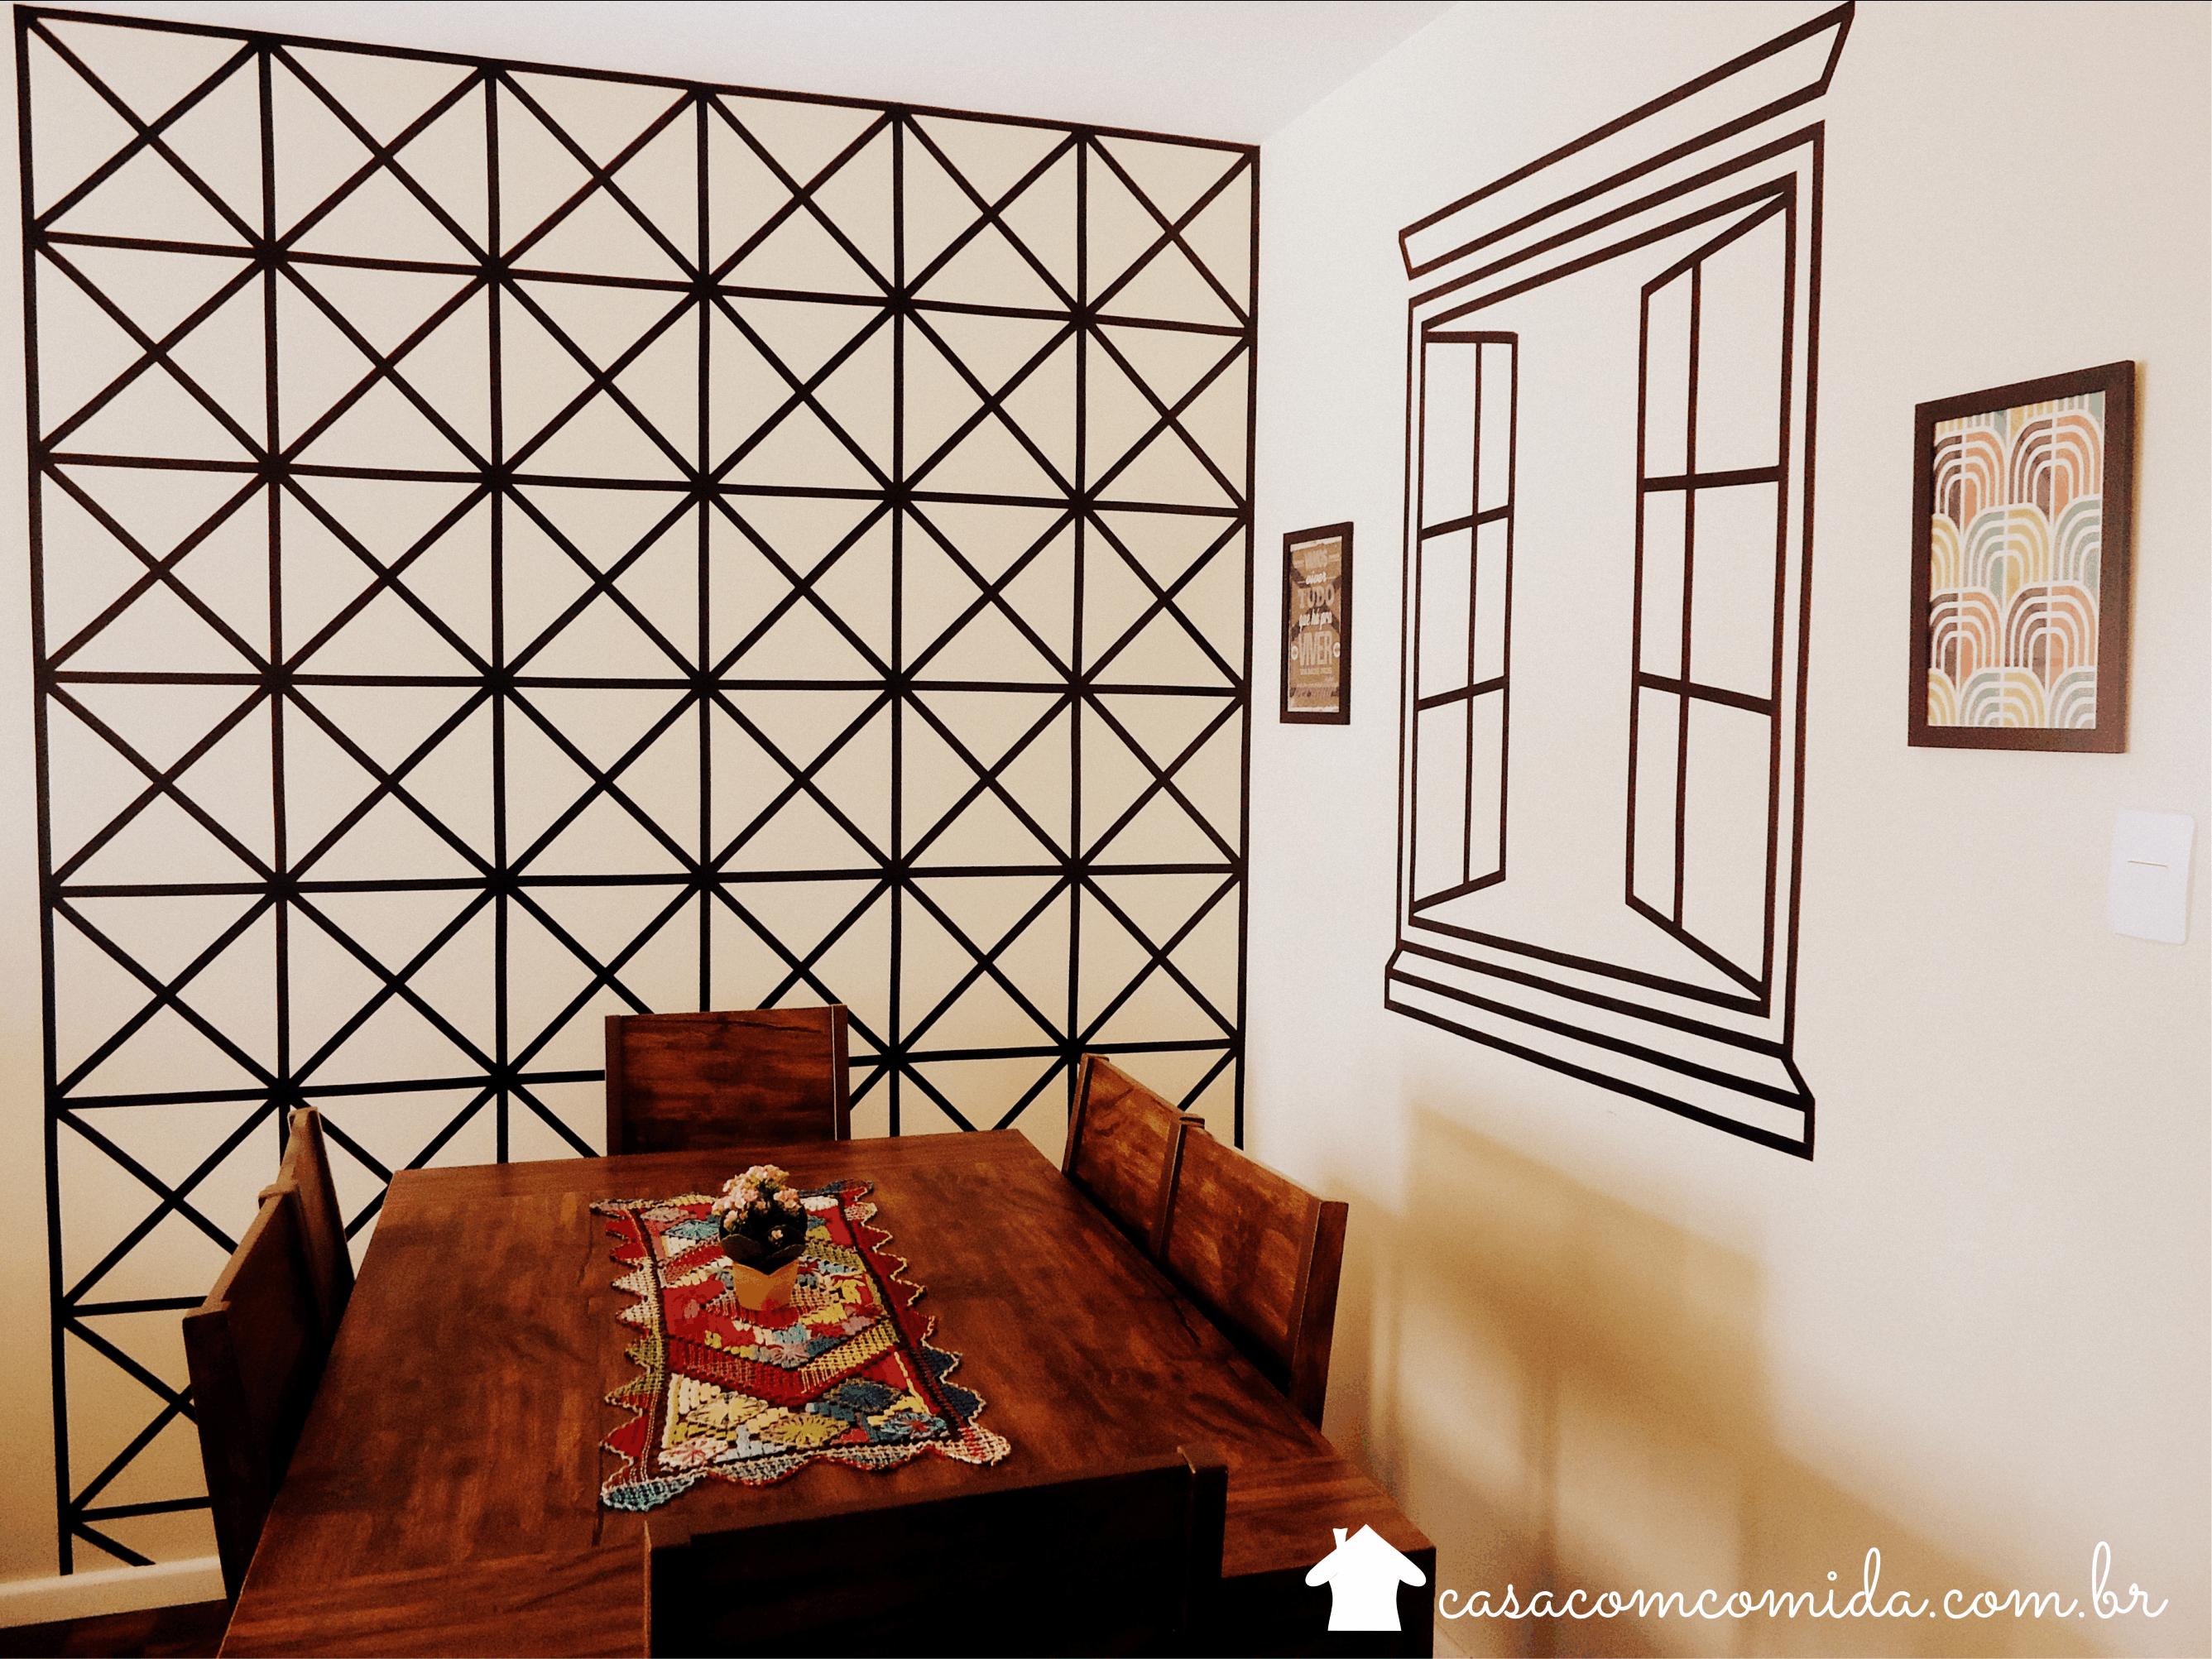 Casa com comida quer decorar suas paredes que tal usar for Pintar paredes casa